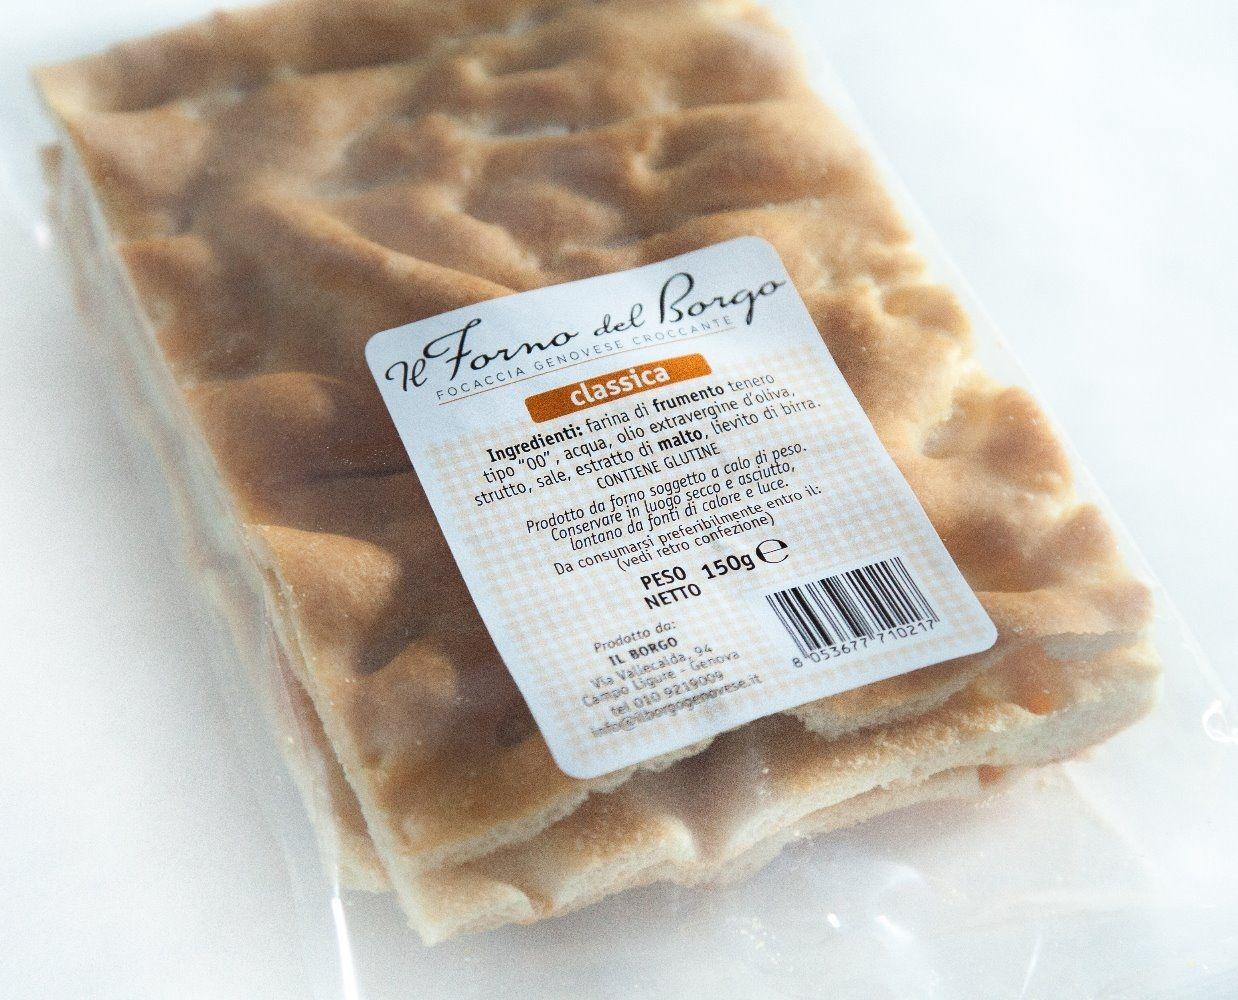 Etichette settore food